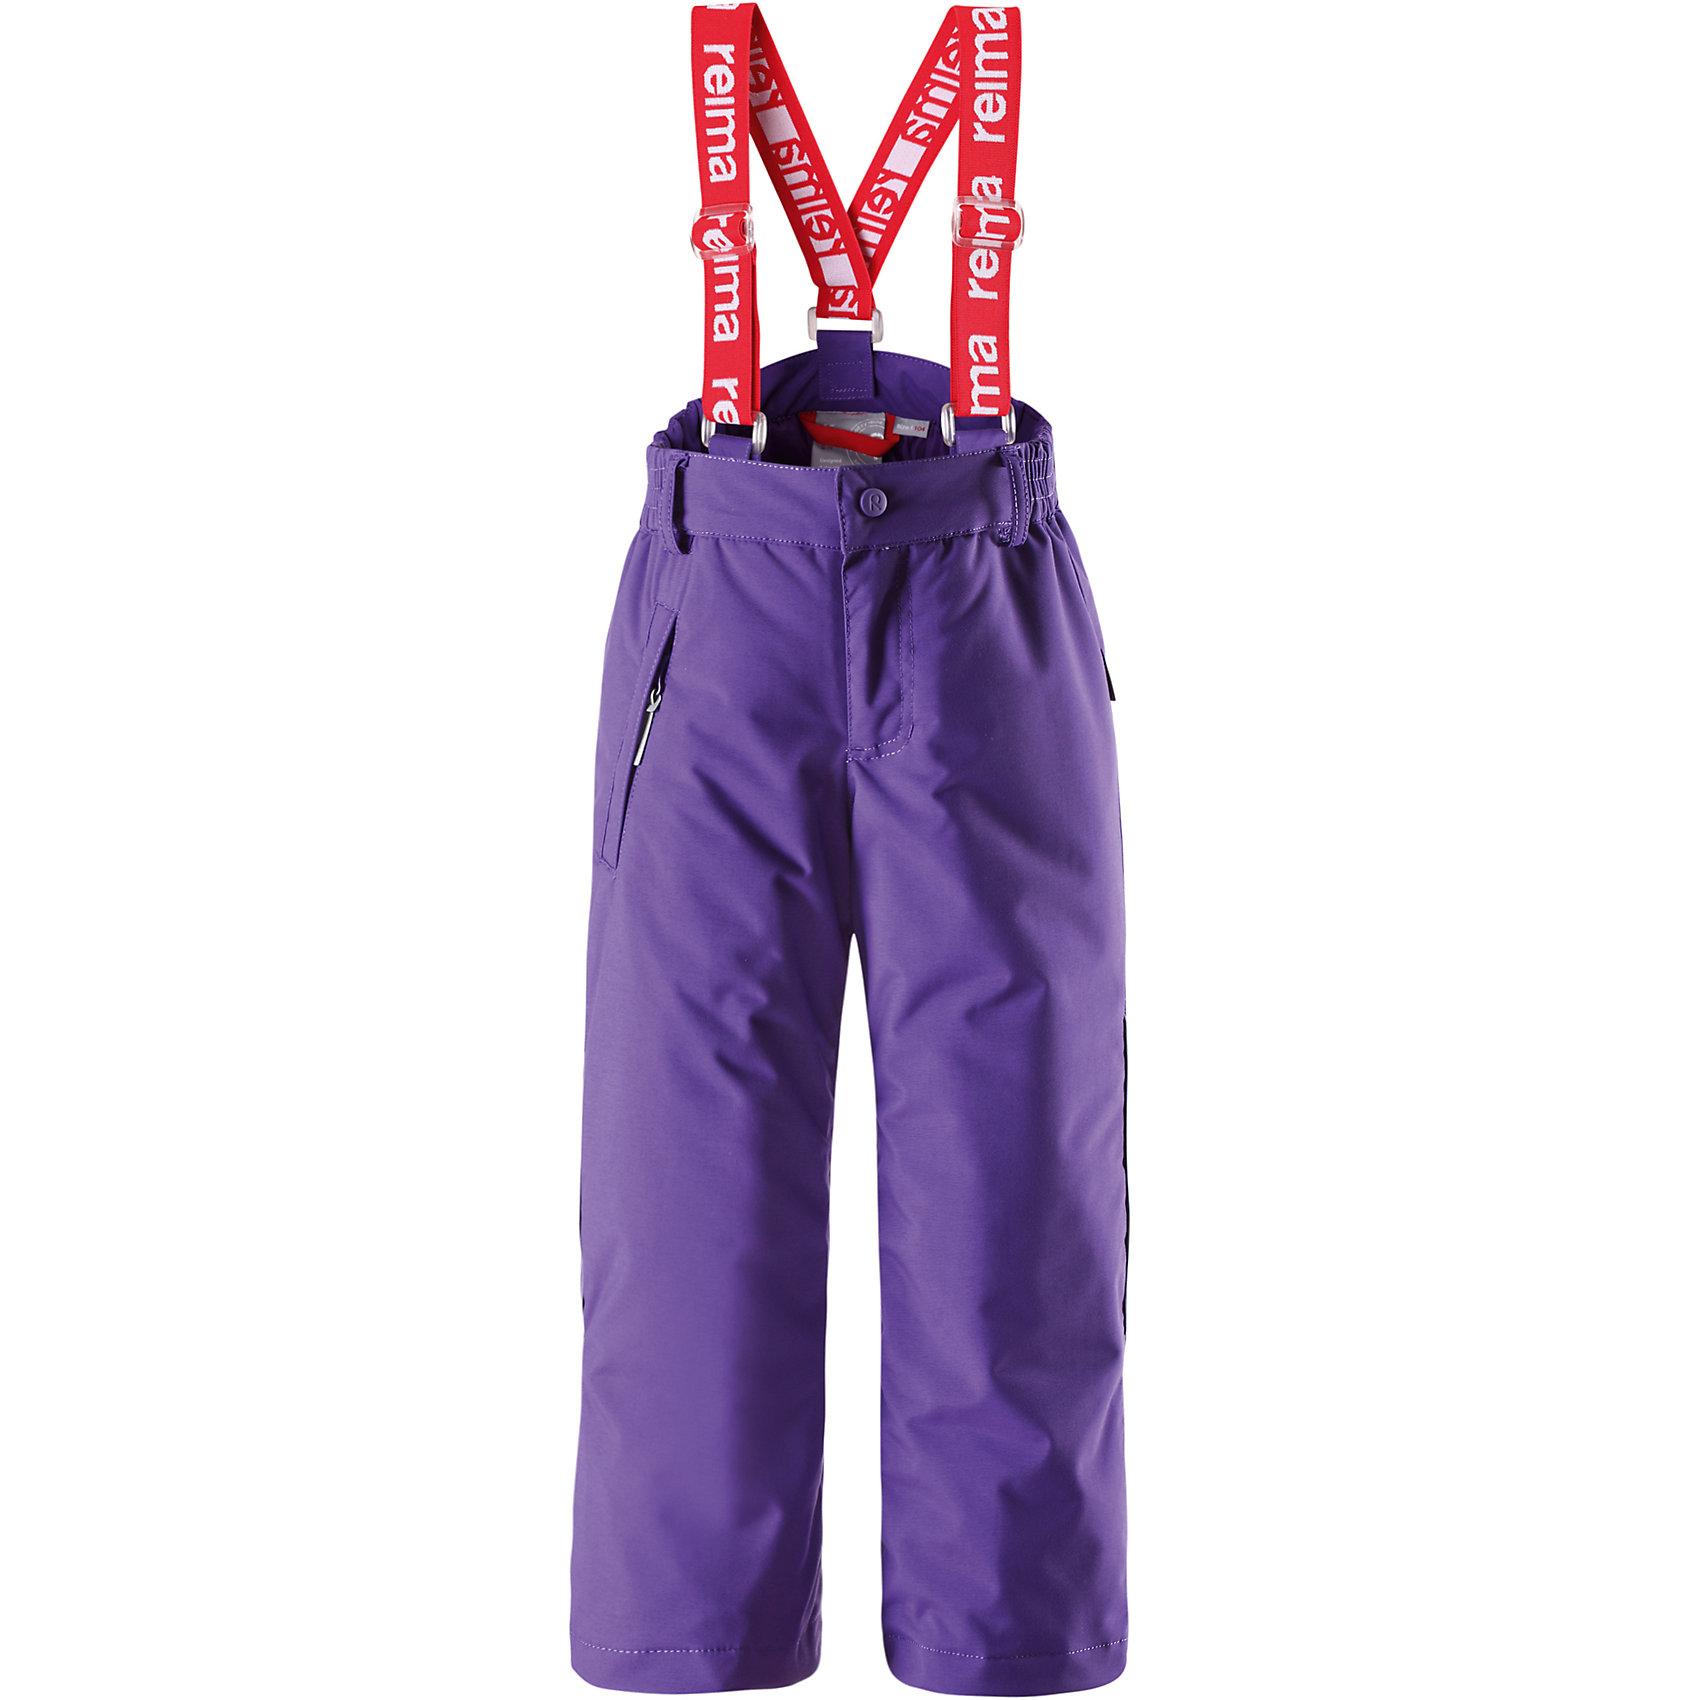 Брюки Reimatec для девочки ReimaОчень популярные брюки на подтяжках из коллекции ORIGINALS. В этом сезоне еще больше модных цветов! Эти зимние брюки сделаны из сверхпрочного совершенно водонепроницаемого материала: все швы проклеены для водонепроницаемости. Благодаря ветронепроницаемому, пропускающему воздух материалу детям будет комфортно играть на улице, они не вспотеют. Удобные эластичные подтяжки надёжно удерживают брюки и, при желании, отстёгиваются. Ширинка брюк имеет молнию, а в карманы на молнии можно положить ключи, когда пойдёте на прогулку. Эти зимние брюки прямого покроя регулируются на талии и внизу брючин. Блокировка от снега на концах брючин защитит ножки от холодных снежных сюрпризов. К концам брючин можно пристегнуть блокировку от снега, чтобы они не соскальзывали с обуви. Обратите внимание, что эти надежные зимние брюки можно сушить в центрифуге!<br><br>Дополнительная информация:<br><br>Температурный режим: до -20<br>Средняя степень утепления: 120 г<br>Водонепроницаемые зимние брюки для детей постарше, модель ORIGINAL<br>Все швы проклеены, водонепроницаемы<br>Прочный материал<br>Съемные регулируемые подтяжки<br>Ширинка на молнии<br>Один карман на молнии<br>Низ брючин регулируется с помощью липучки<br>Низ брючин застегивается на кнопку для блокировки от снега<br><br>Брюки Reimatec Reima (Рейматек Рейма) можно купить в нашем магазине.<br><br>Ширина мм: 215<br>Глубина мм: 88<br>Высота мм: 191<br>Вес г: 336<br>Цвет: фиолетовый<br>Возраст от месяцев: 96<br>Возраст до месяцев: 108<br>Пол: Женский<br>Возраст: Детский<br>Размер: 134,128,140,122,116,110,104<br>SKU: 4417028